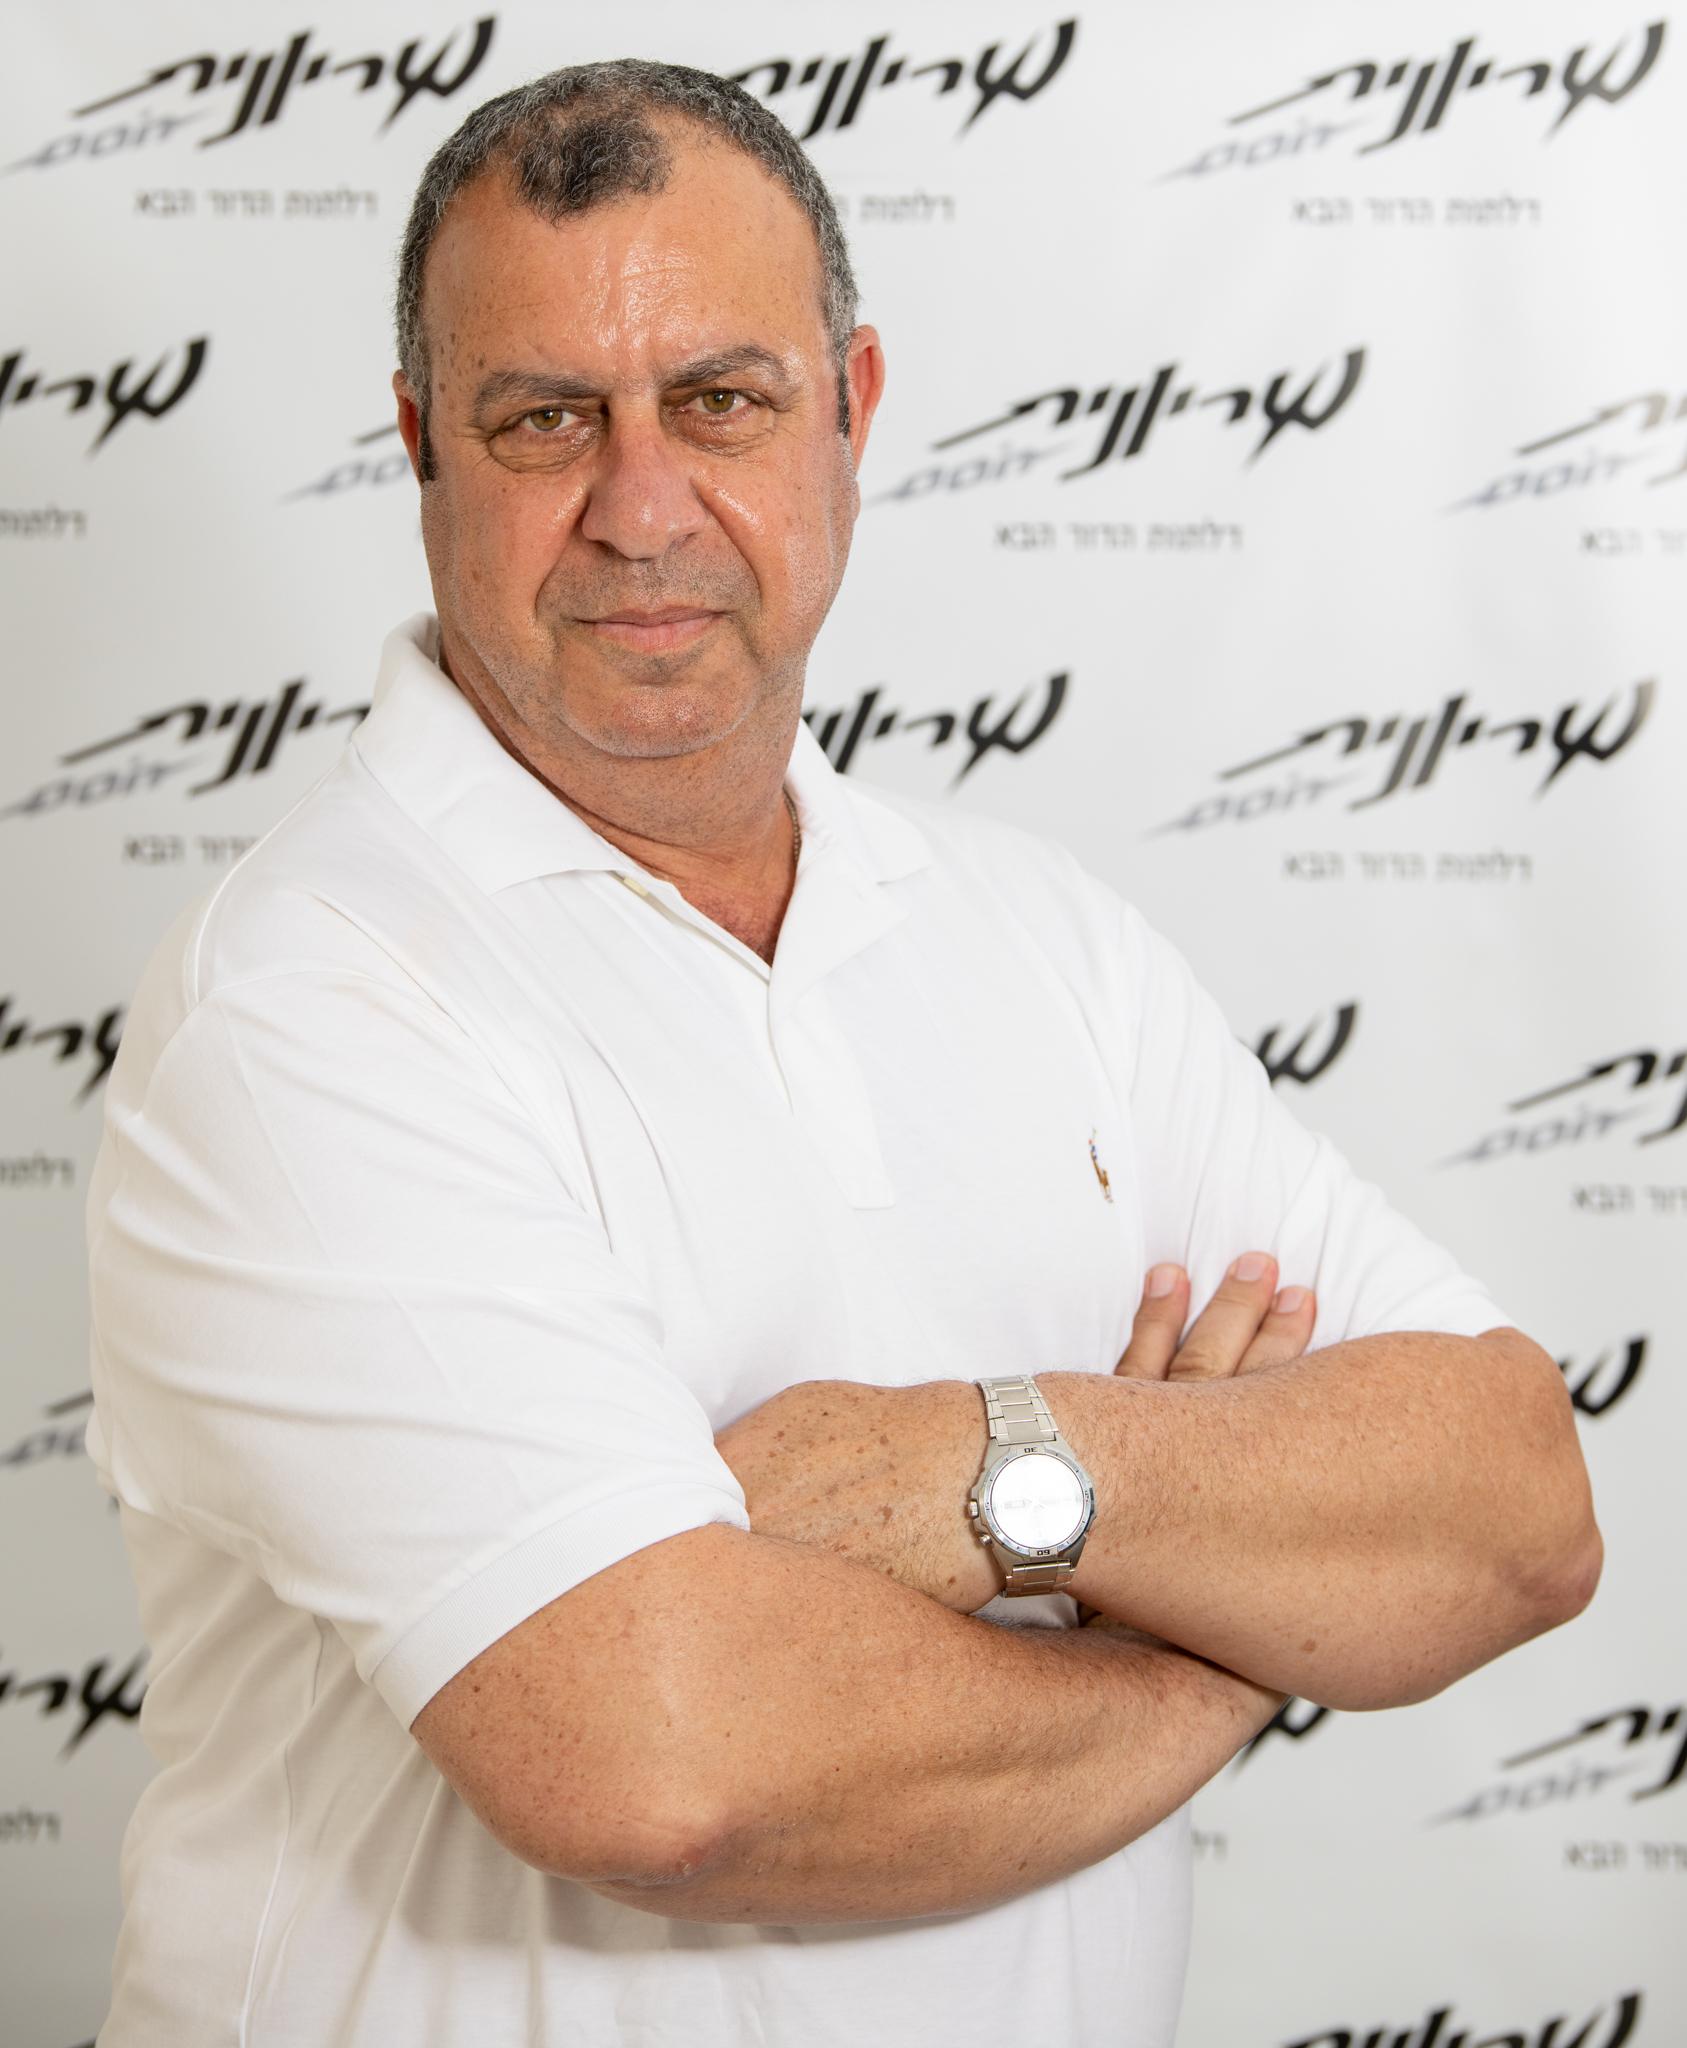 עופר אברהמי - מנהל סניף קרית גת שריונית חסם